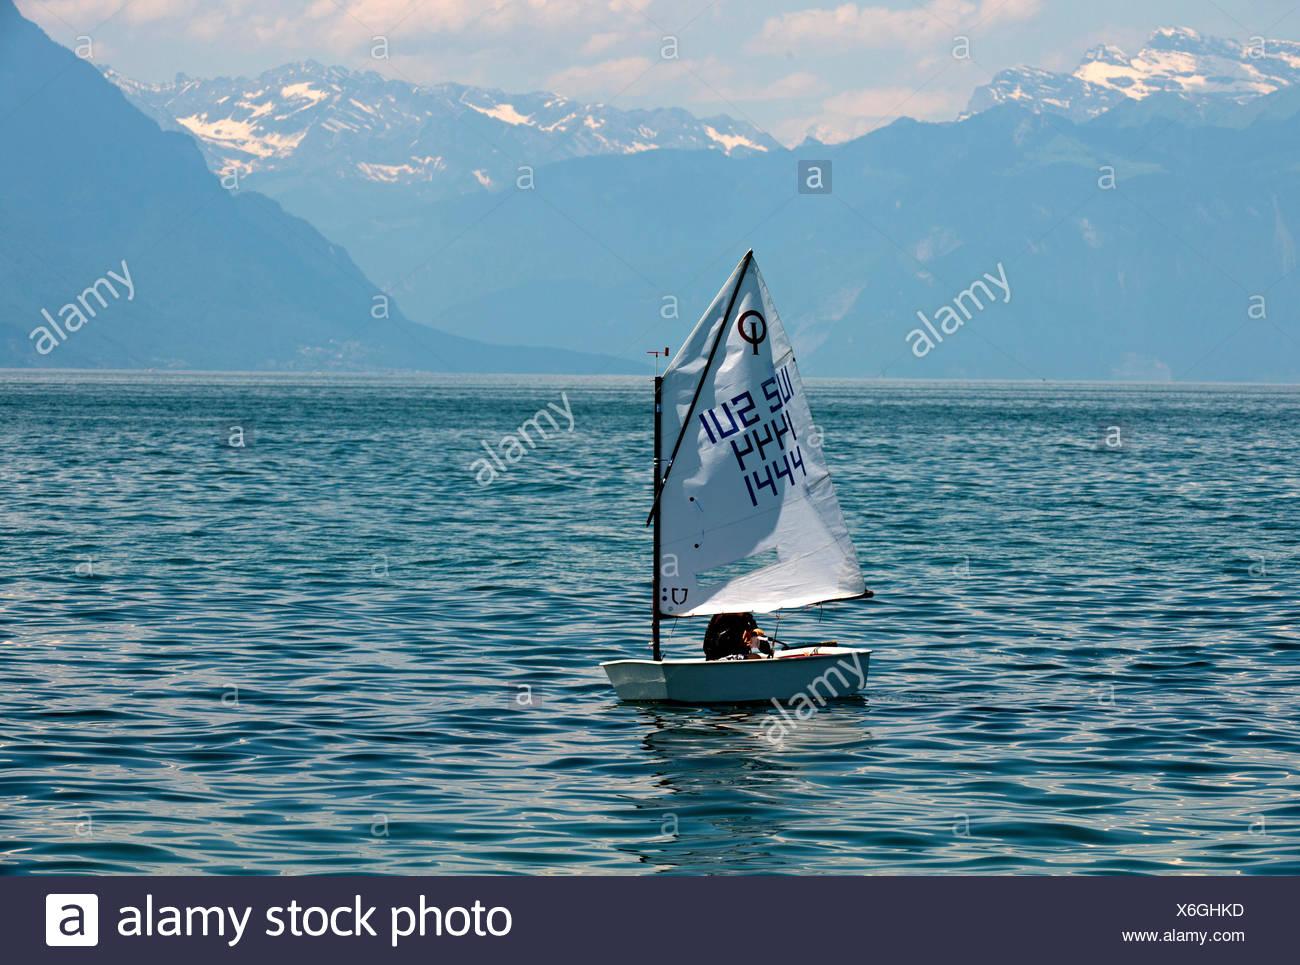 """Schlauchboot """"Optimist"""" Segeln am Genfer See in der Nähe von Morges, Waadtländer Alpen am Rücken, Alpes Vaudoises, Kanton Waadt, Schweiz, Europa Stockbild"""